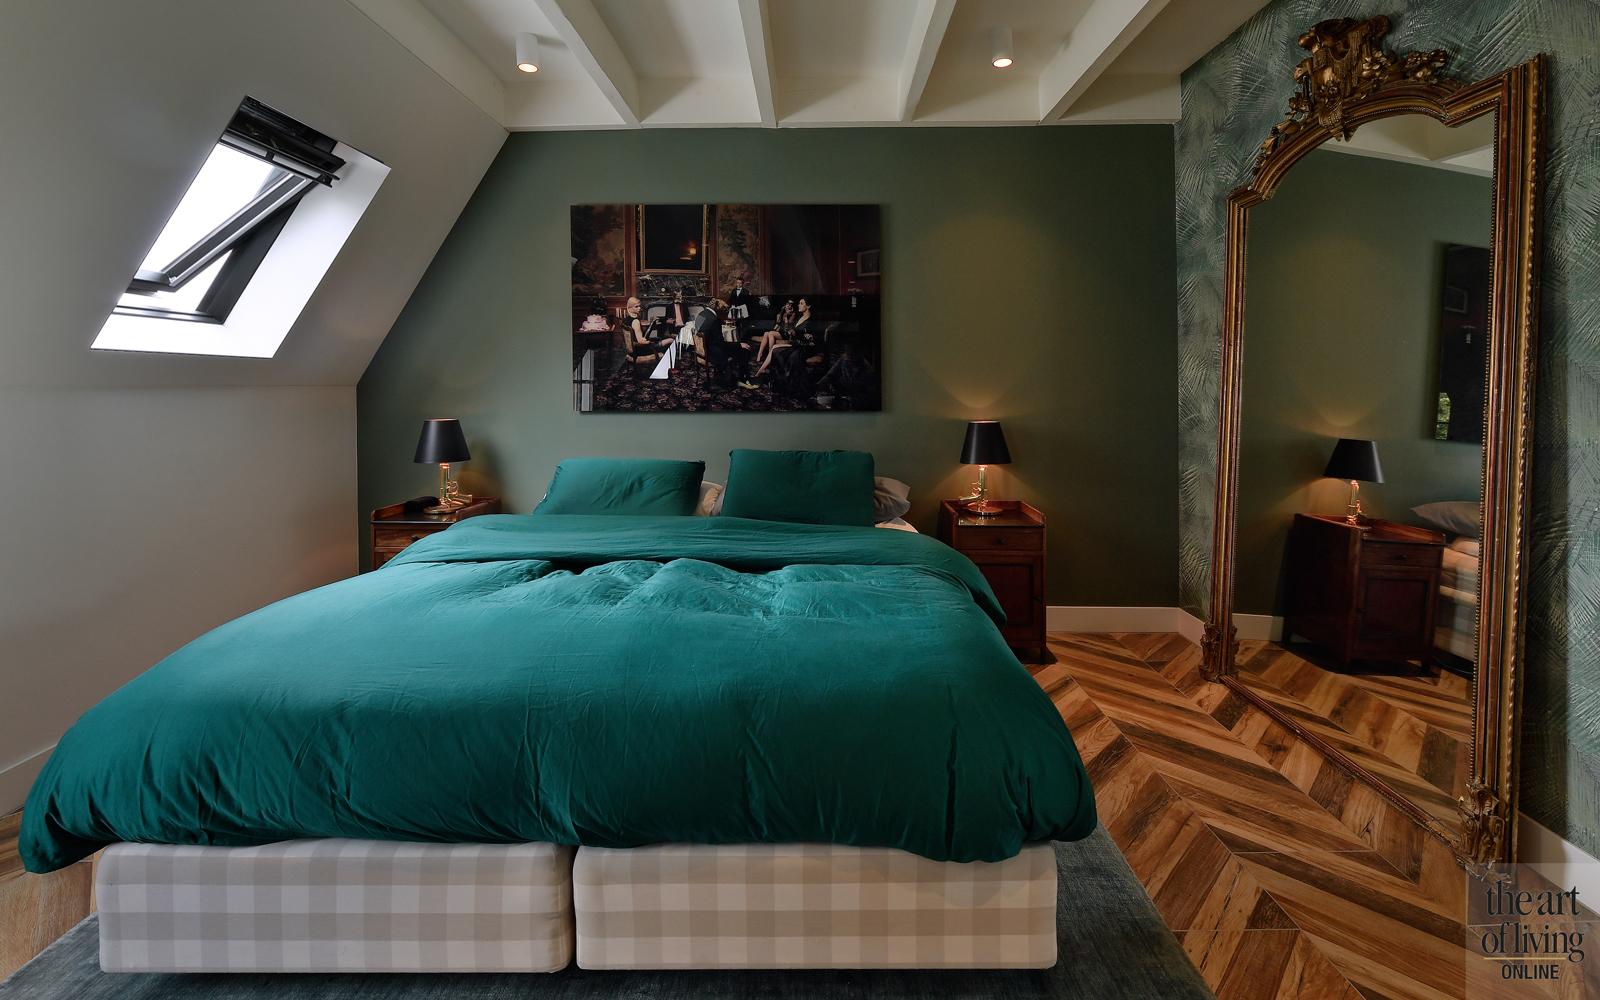 Penthouse, By Thimble, Slaapkamer, masterbedroom, visgraatvloer, warm interieur